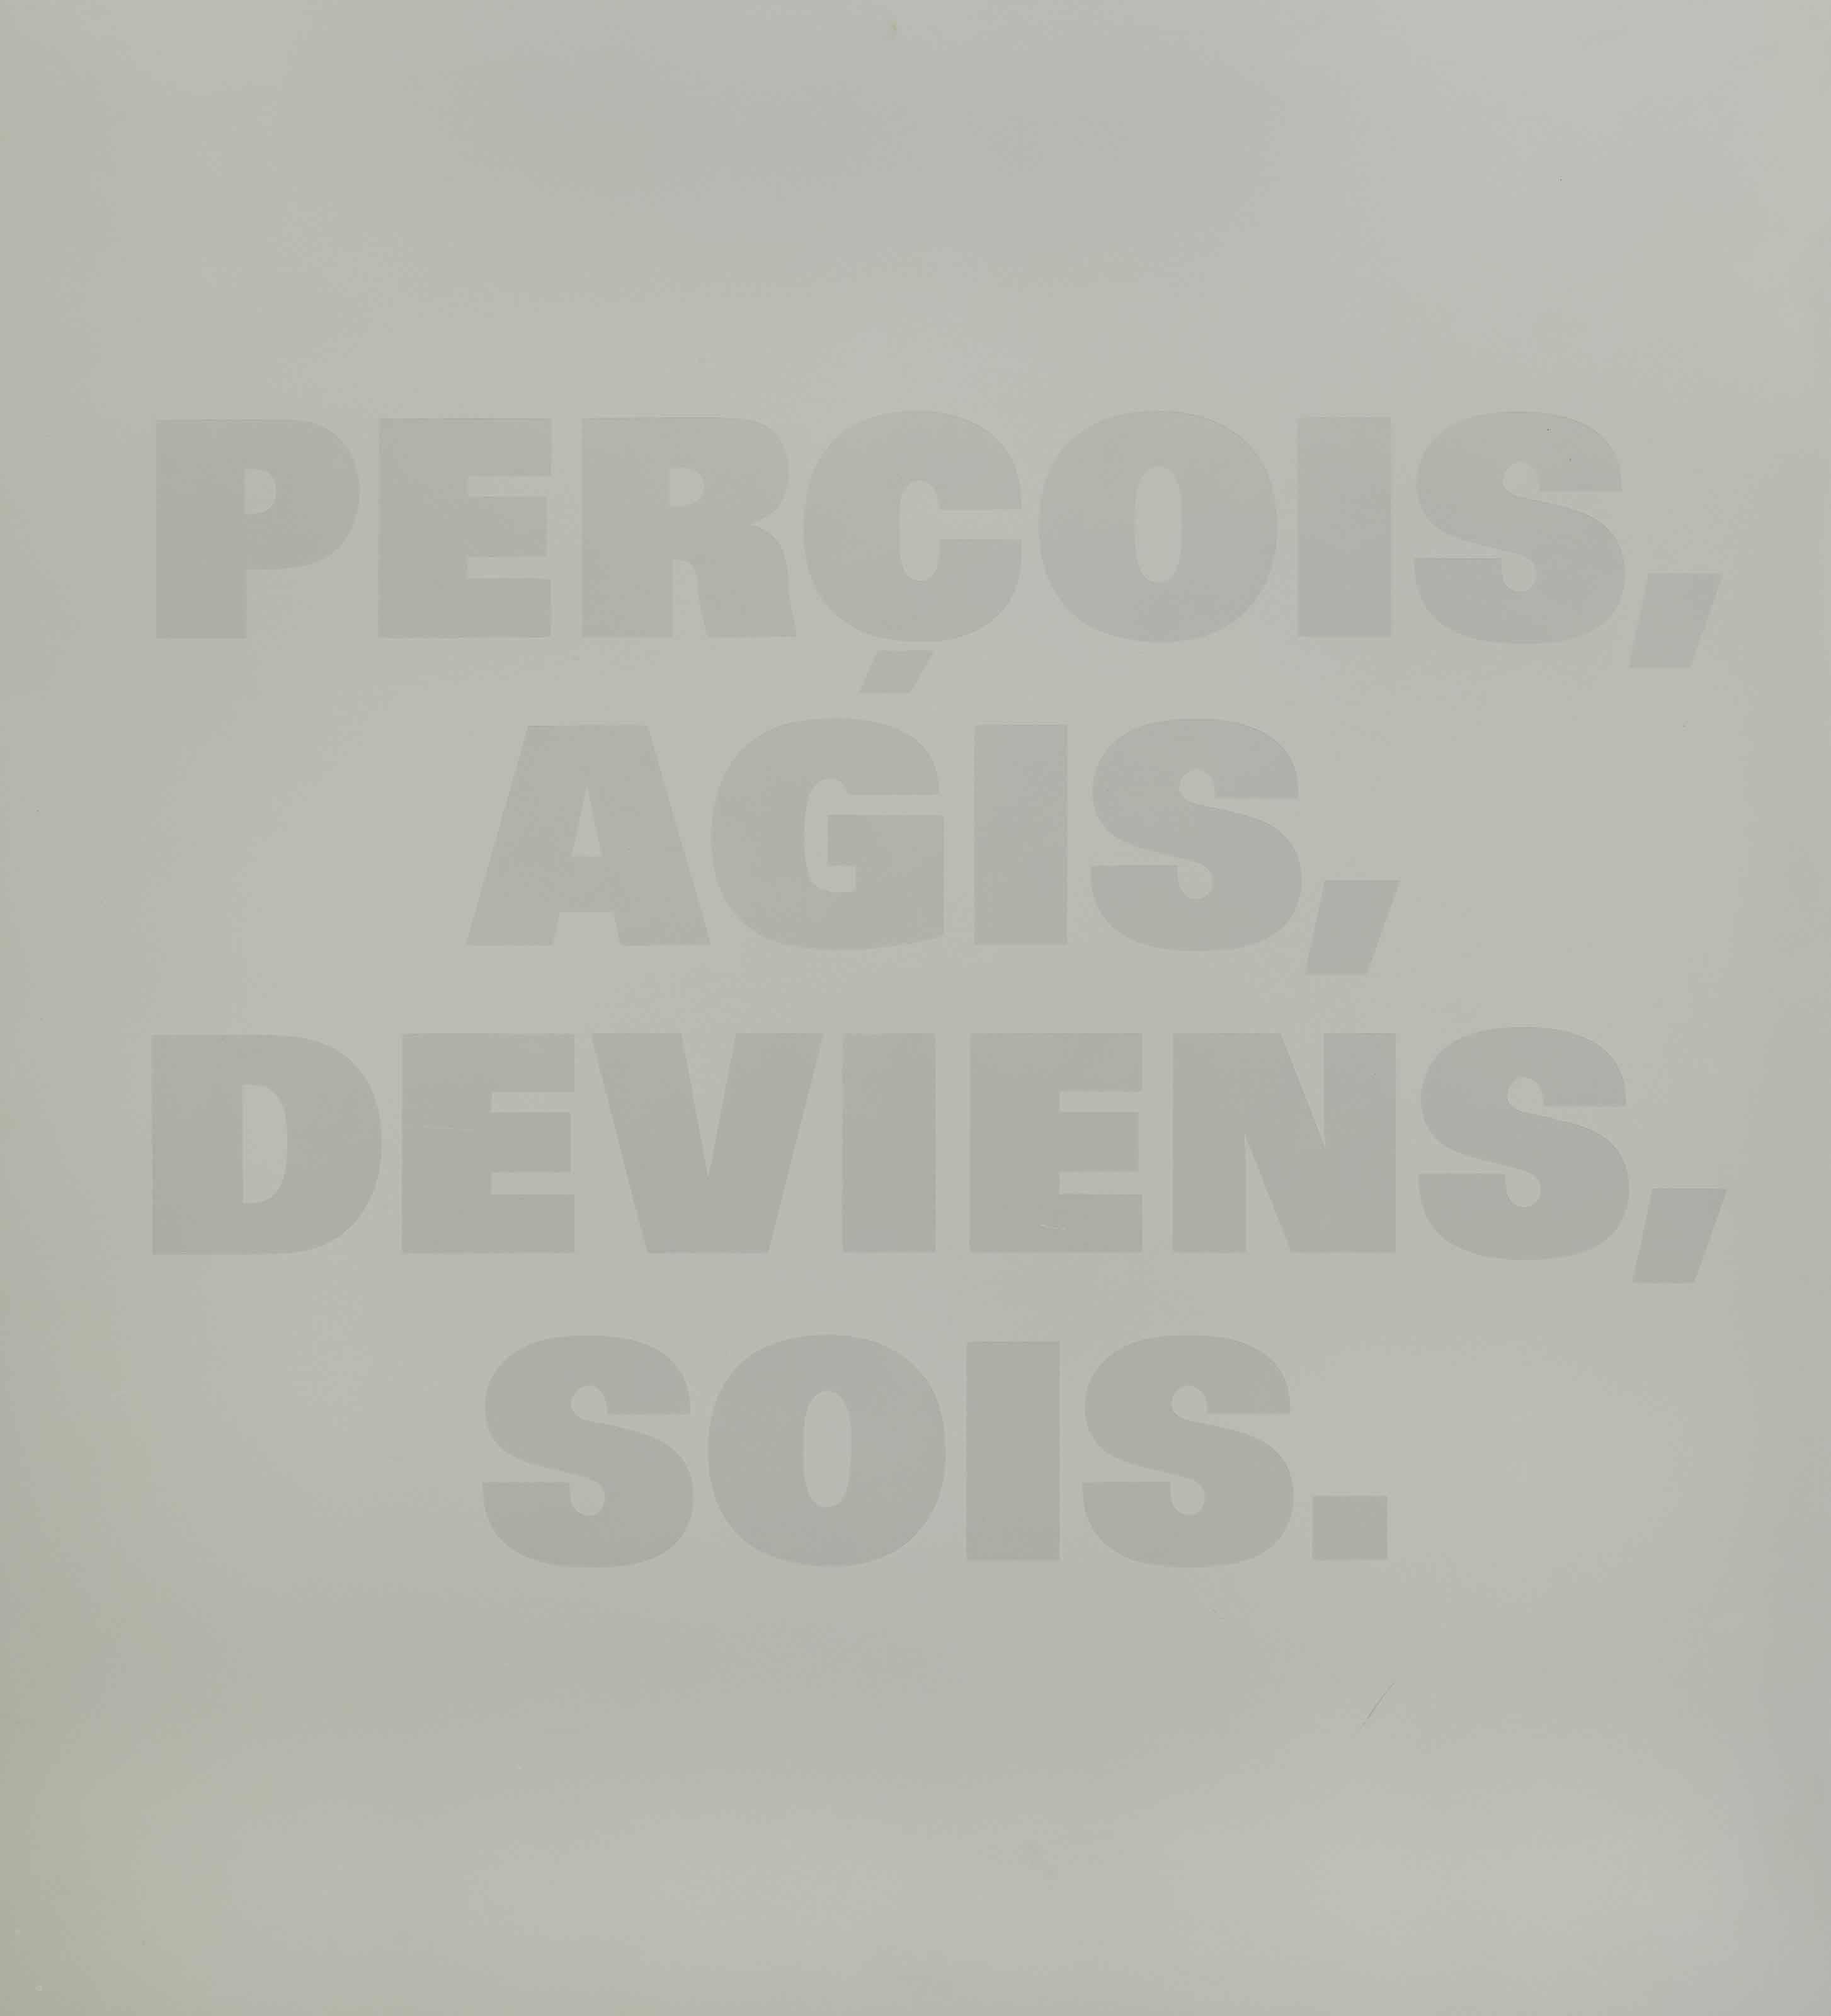 PERÇOIS, AGIS, DEVIENS, SOIS, 1988/91